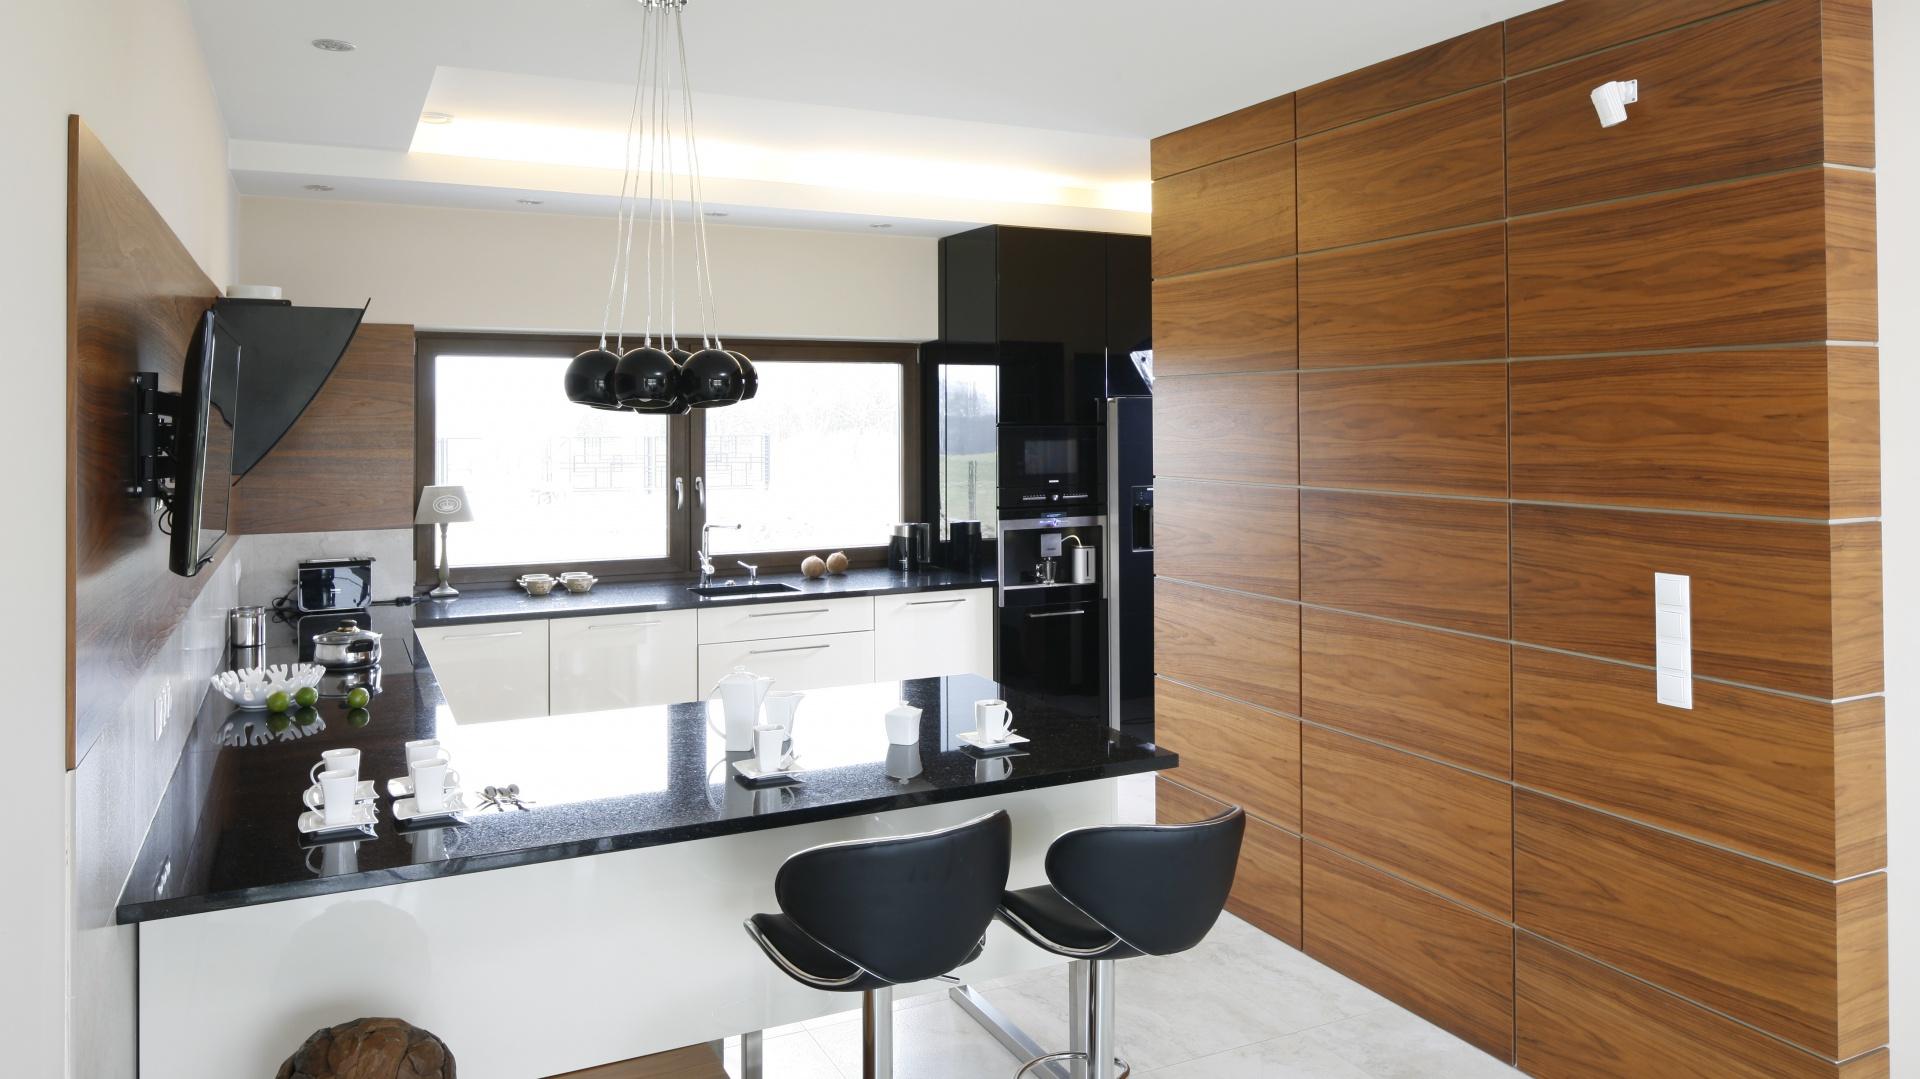 Kuchnia jest nowoczesna,...  Biała kuchnia ocieplona drewnem. Zobaczcie projekty z polskich ...